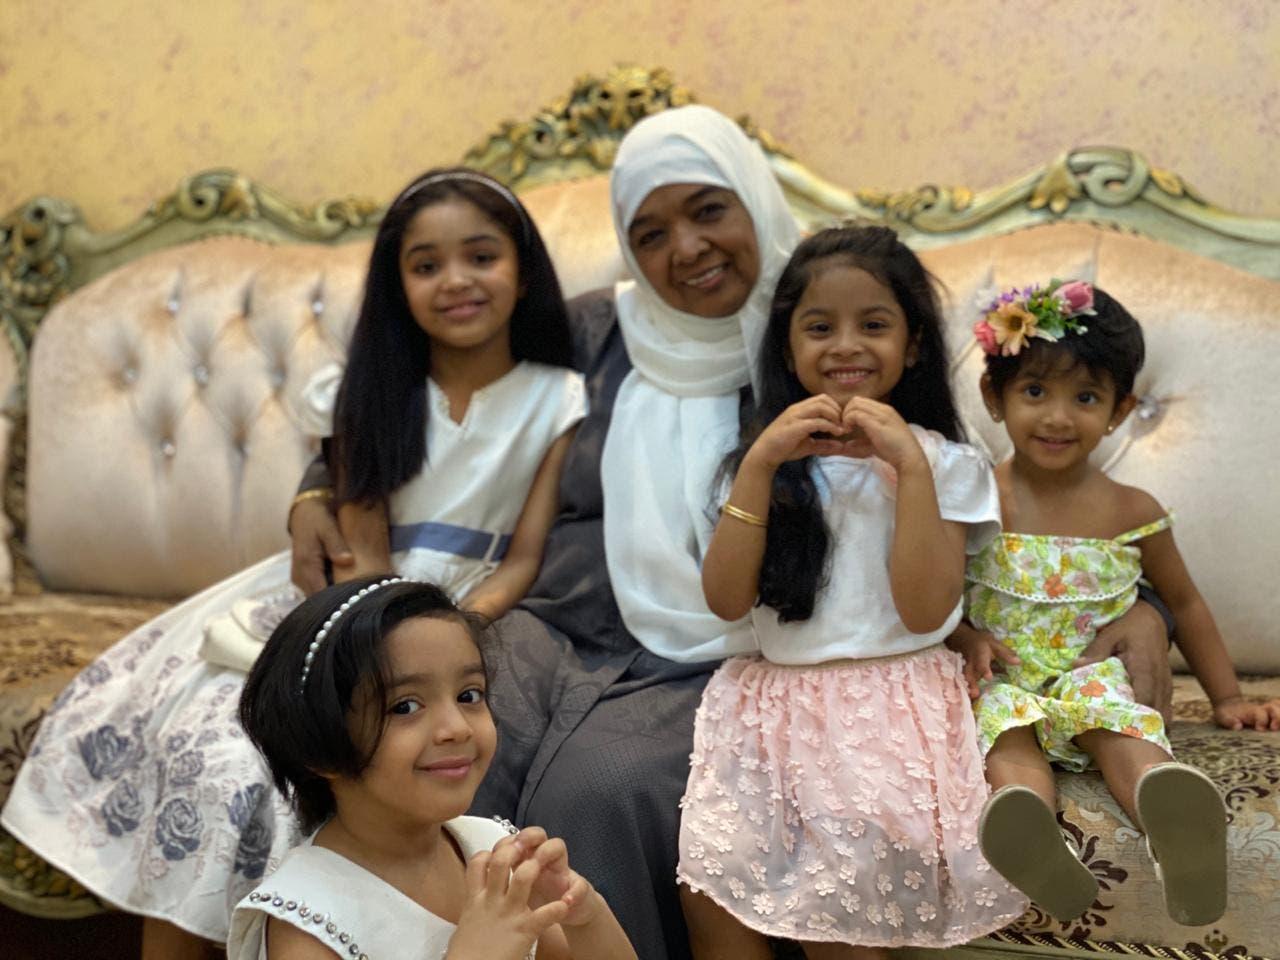 سعدية فلفلان مع عائلتها